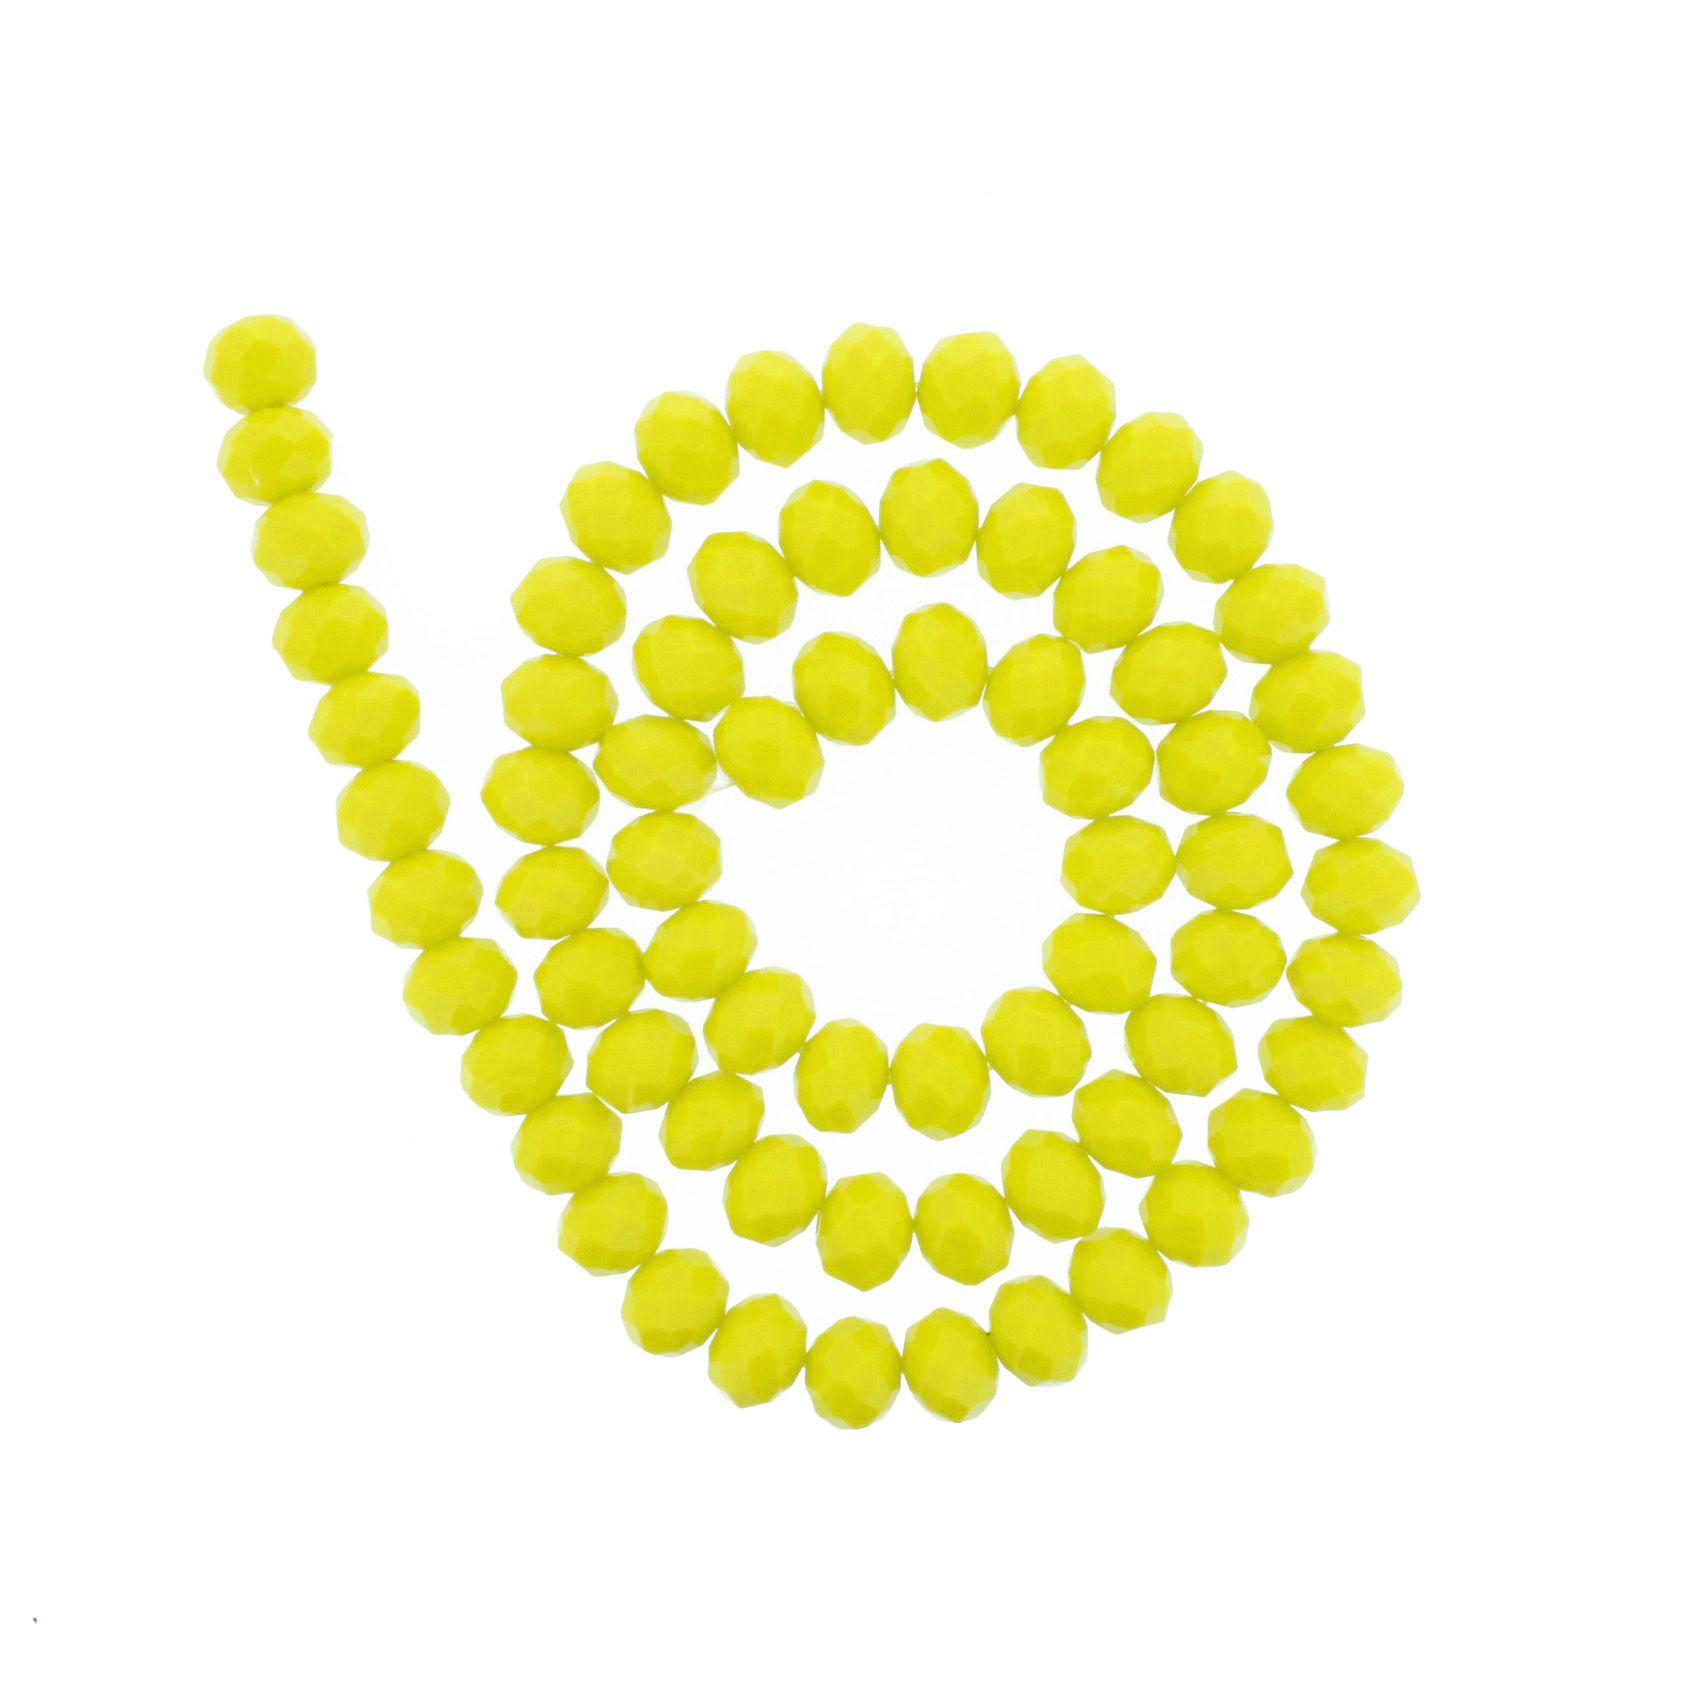 Fio de Cristal - Flat® - Amarelo - 10mm  - Stéphanie Bijoux® - Peças para Bijuterias e Artesanato